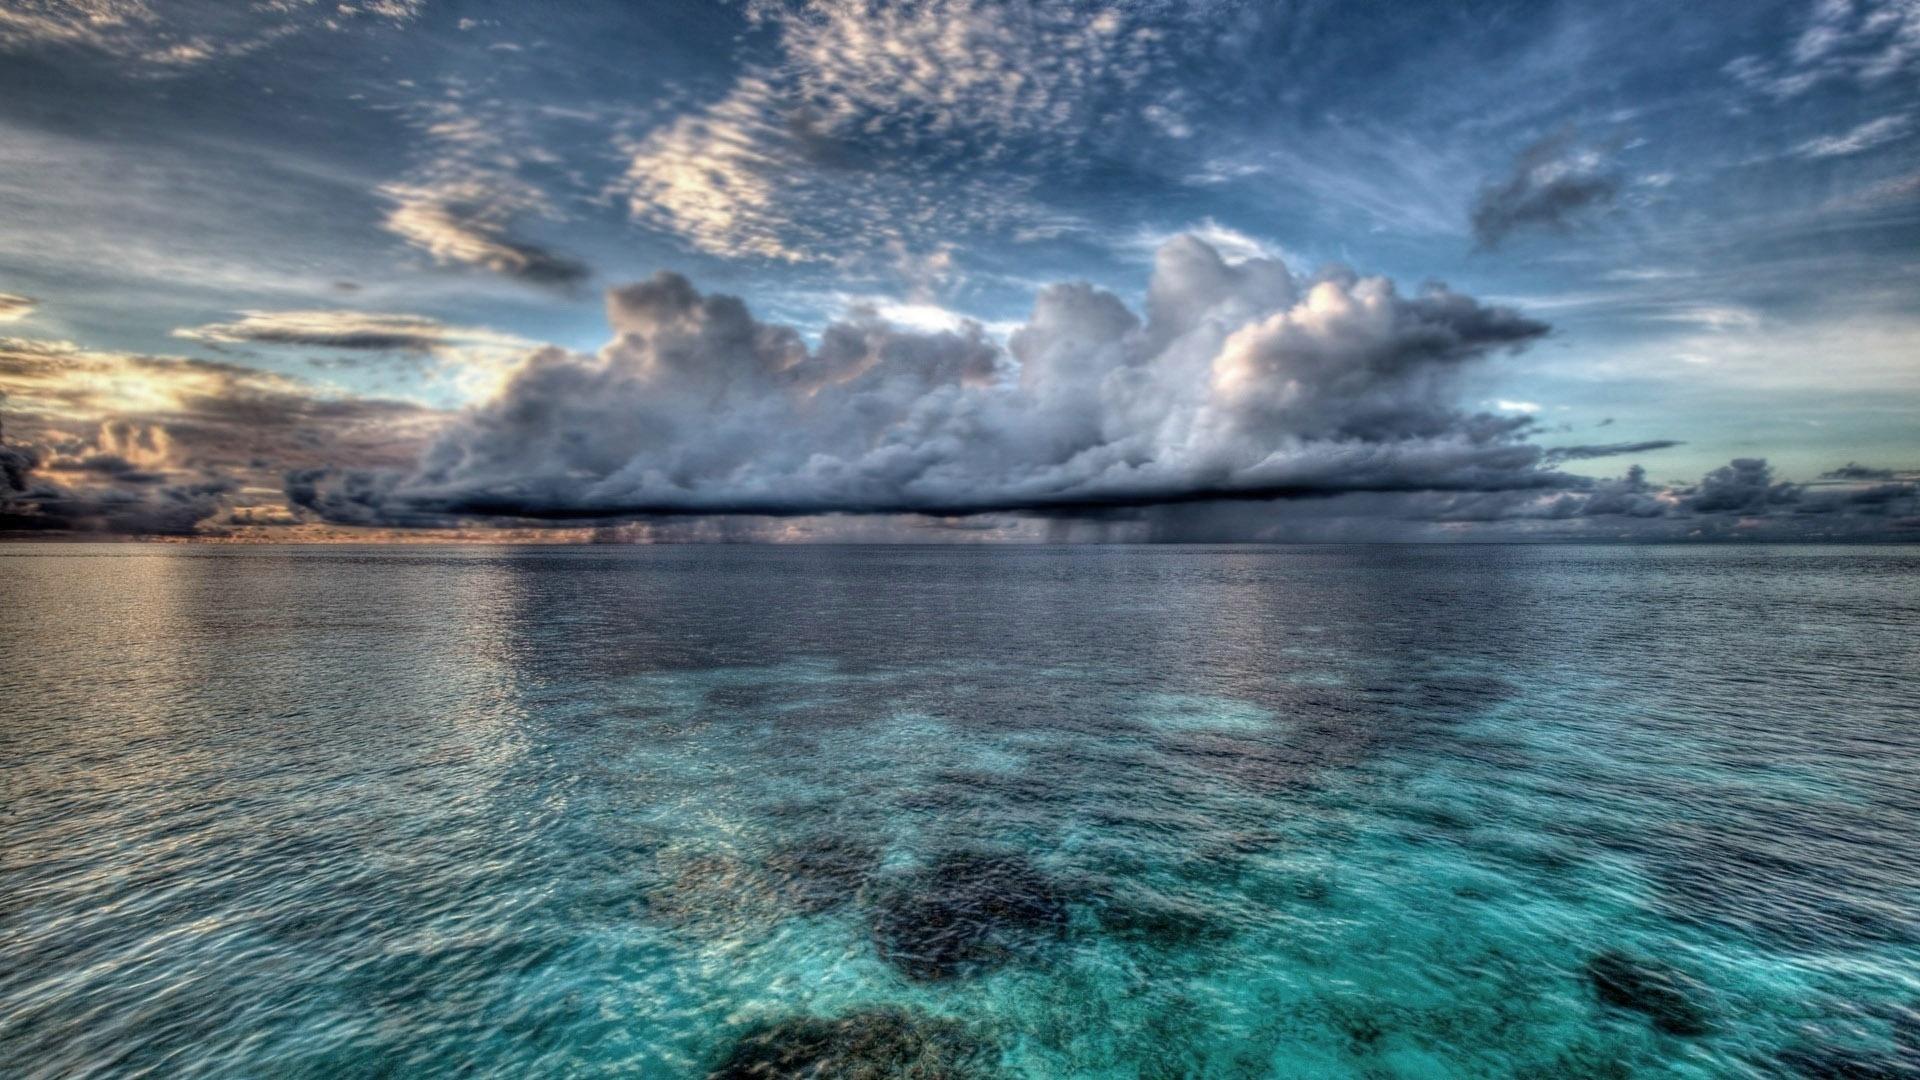 широкоформатные картинки океана таких помещениях